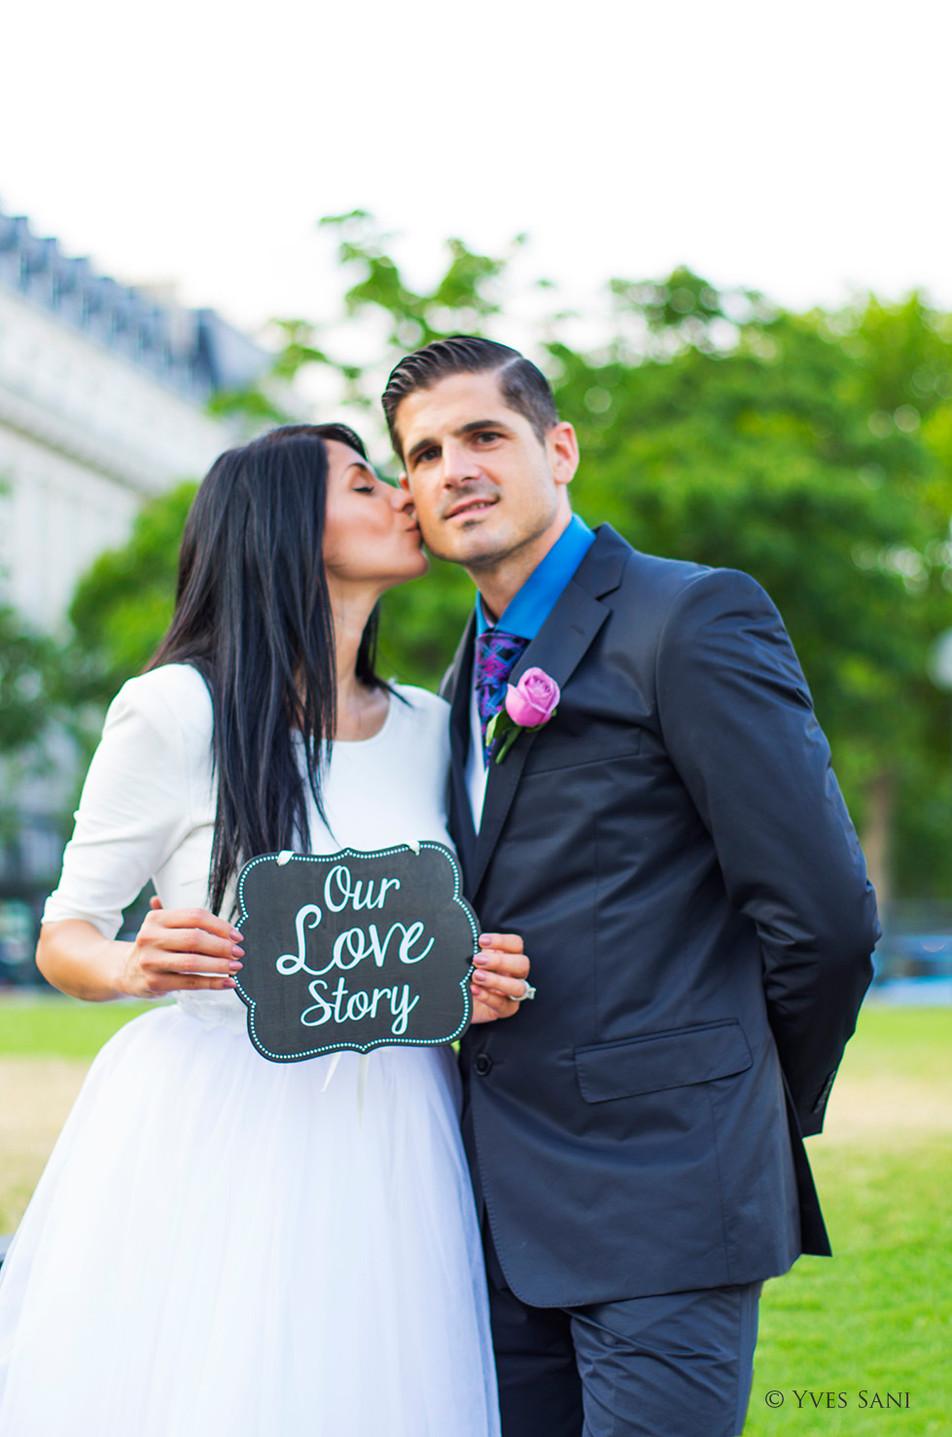 Mariage Paris - Notre histoire d'amour